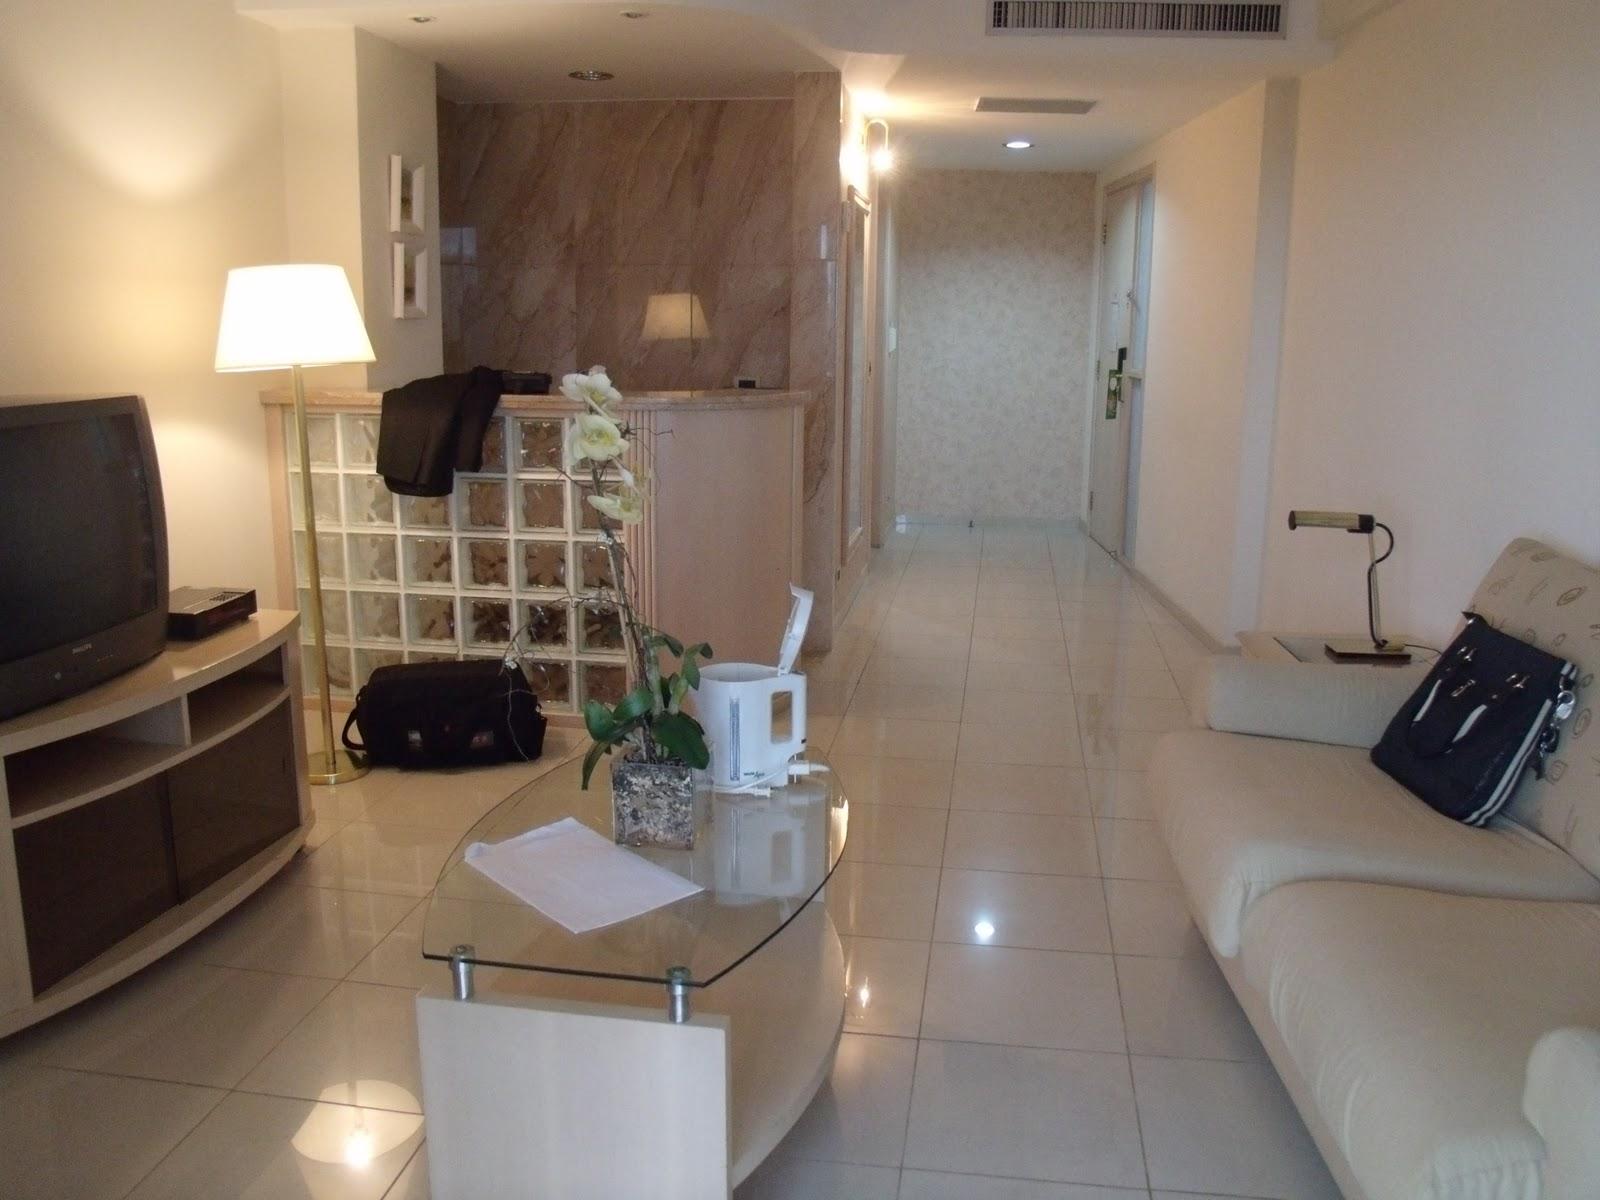 hotel Saint Paul. Muito linda com banheira 2 banheiros cozinha #966D35 1600x1200 Acessorios Banheiro Hotel